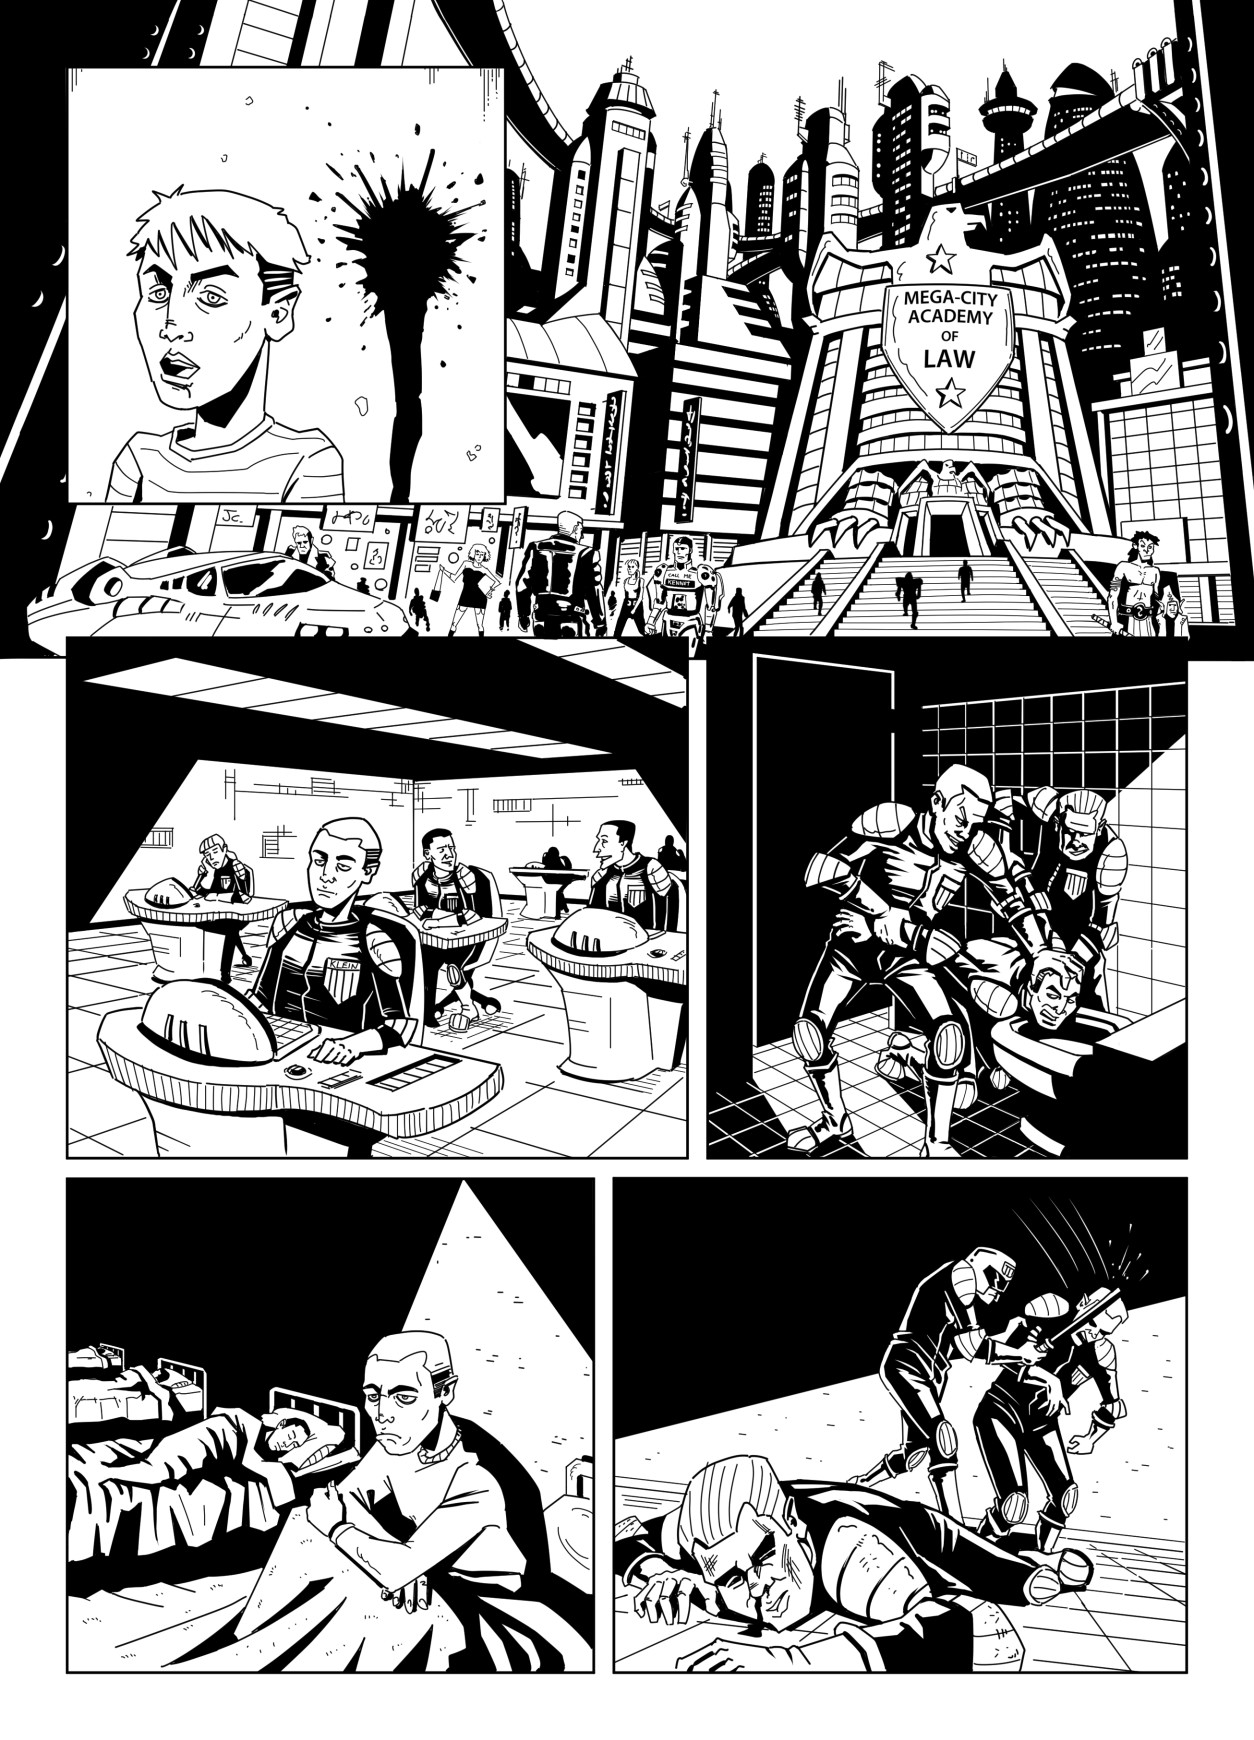 John ciarfuglia a4 page 2 no lett